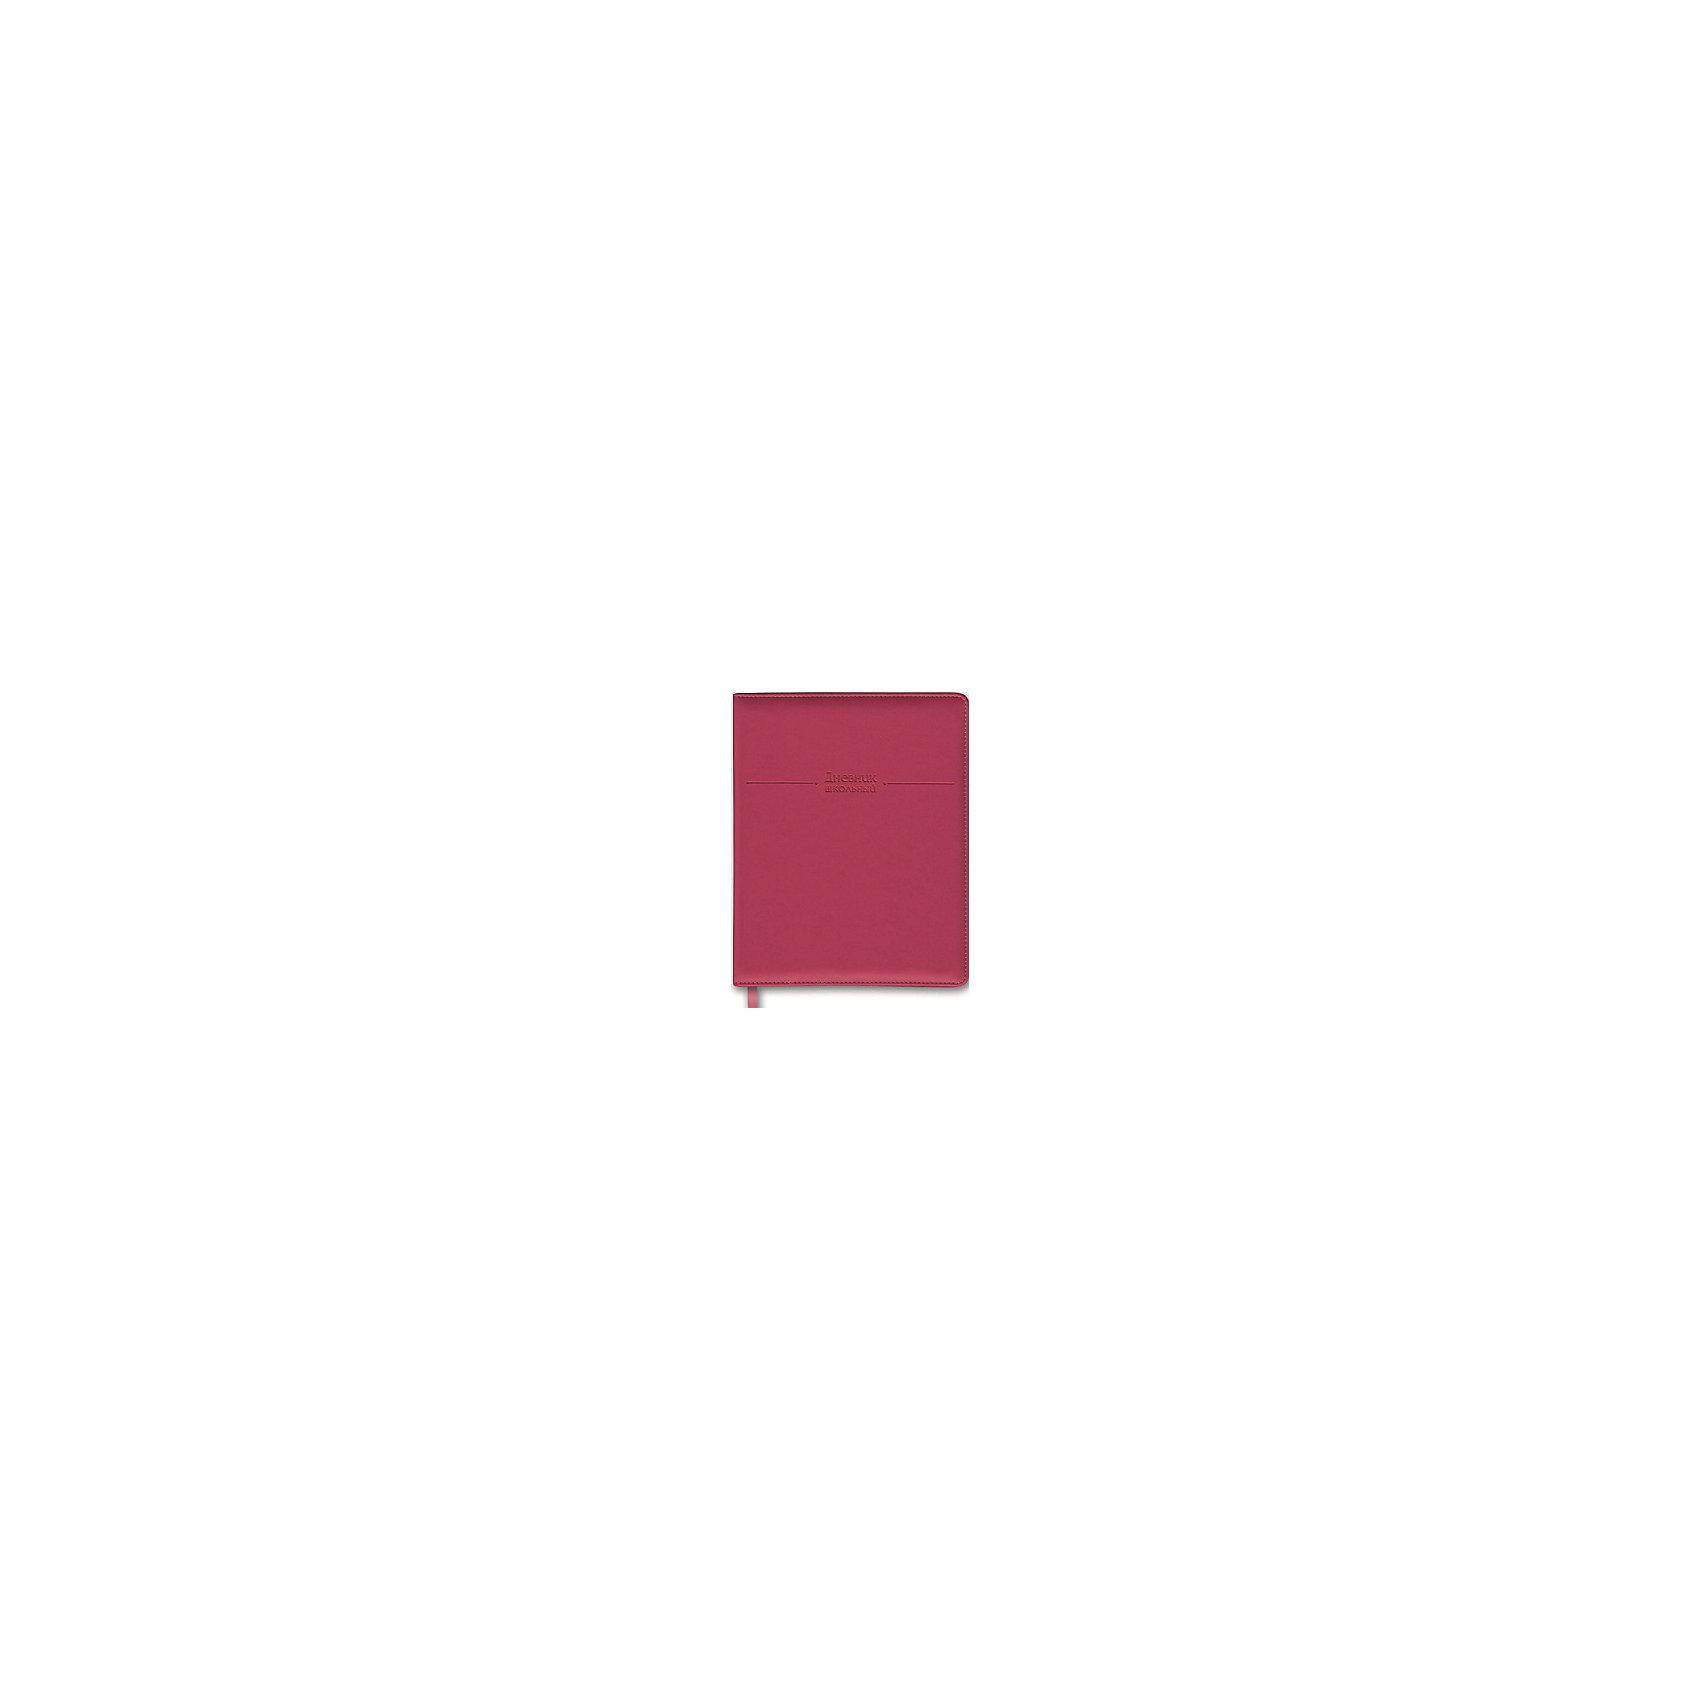 Дневник школьный Феникс+, малиновыйБумажная продукция<br>Дневник шк. МАЛИНОВЫЙ (тв. переплет, одноцв. печать внутр. блока, обл. декор. блинт. тисн., бум. офсет, ляссе, индивид. ПЭТ-упак., 96 стр.)<br><br>Ширина мм: 210<br>Глубина мм: 170<br>Высота мм: 10<br>Вес г: 235<br>Возраст от месяцев: 72<br>Возраст до месяцев: 2147483647<br>Пол: Унисекс<br>Возраст: Детский<br>SKU: 7046182